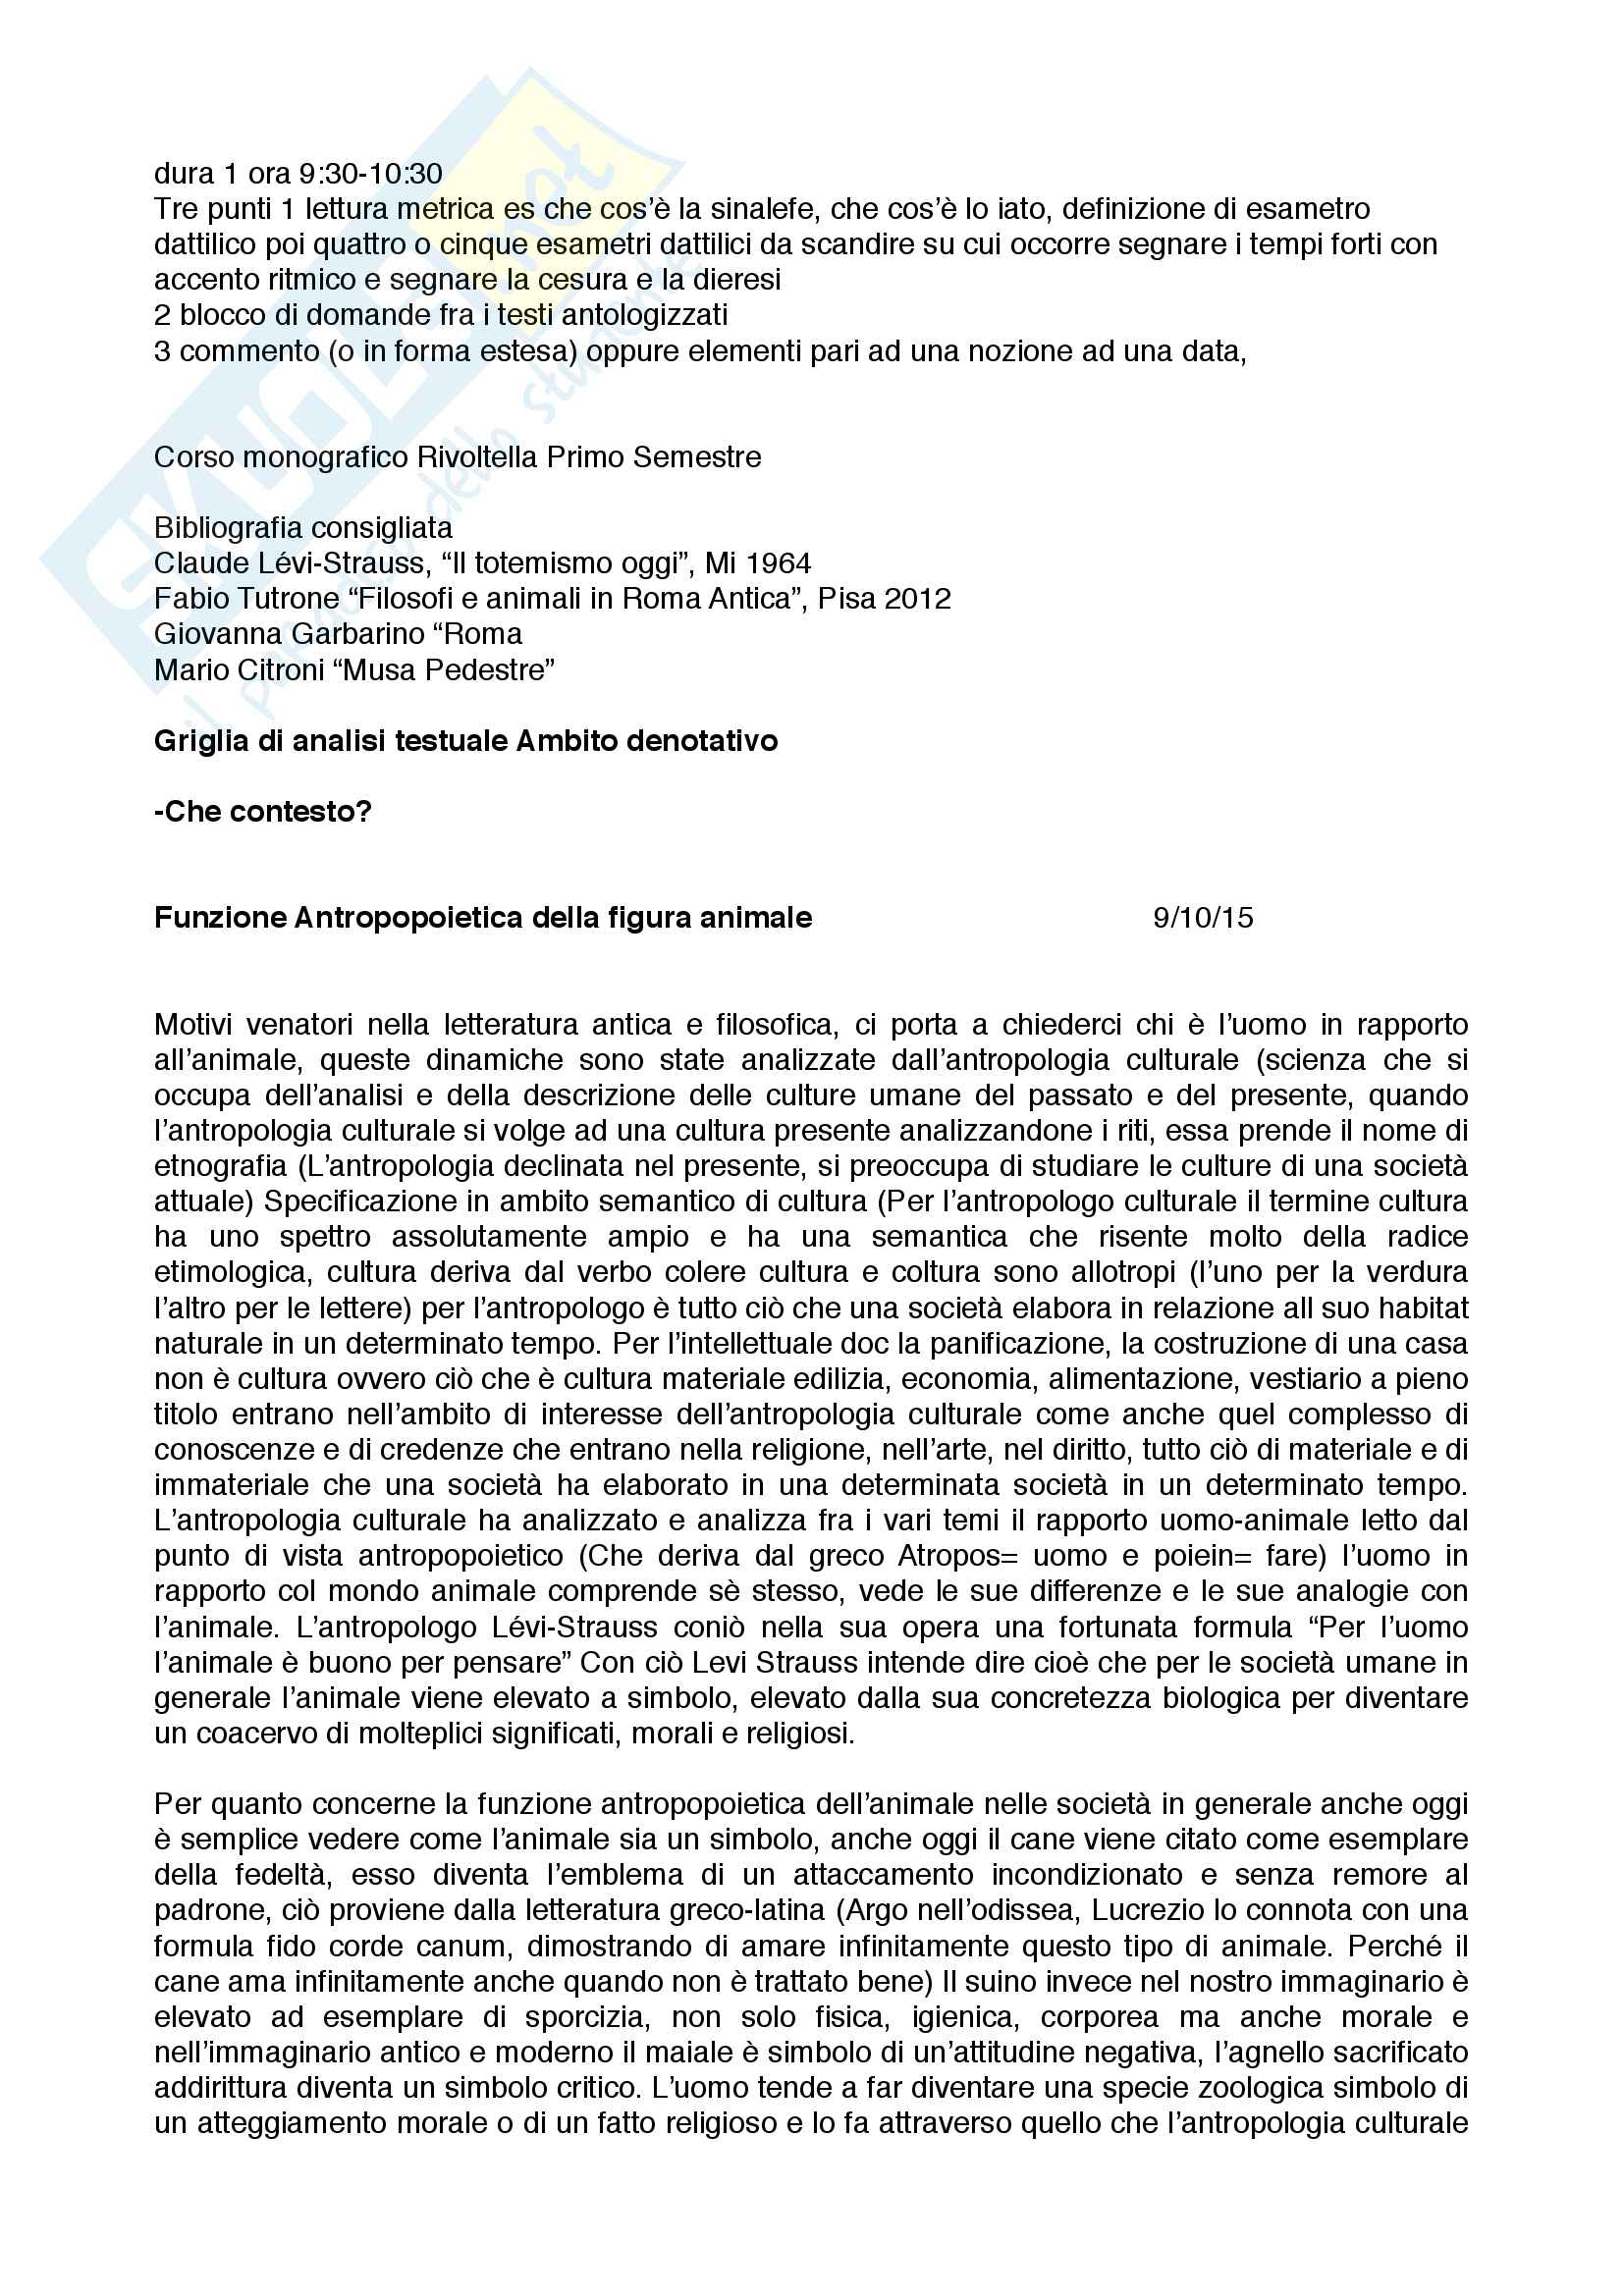 Appunti completi primo semestre letteratura latina:i filosofi alla caccia: I'età repubblicana (letture da Varrone, Lucrezio, Cicerone)